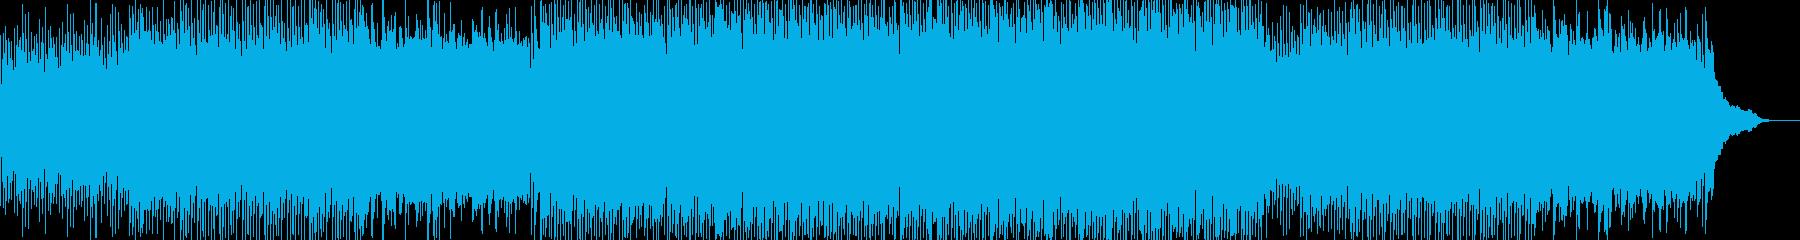 動画 感情的 説明的 静か やる気...の再生済みの波形